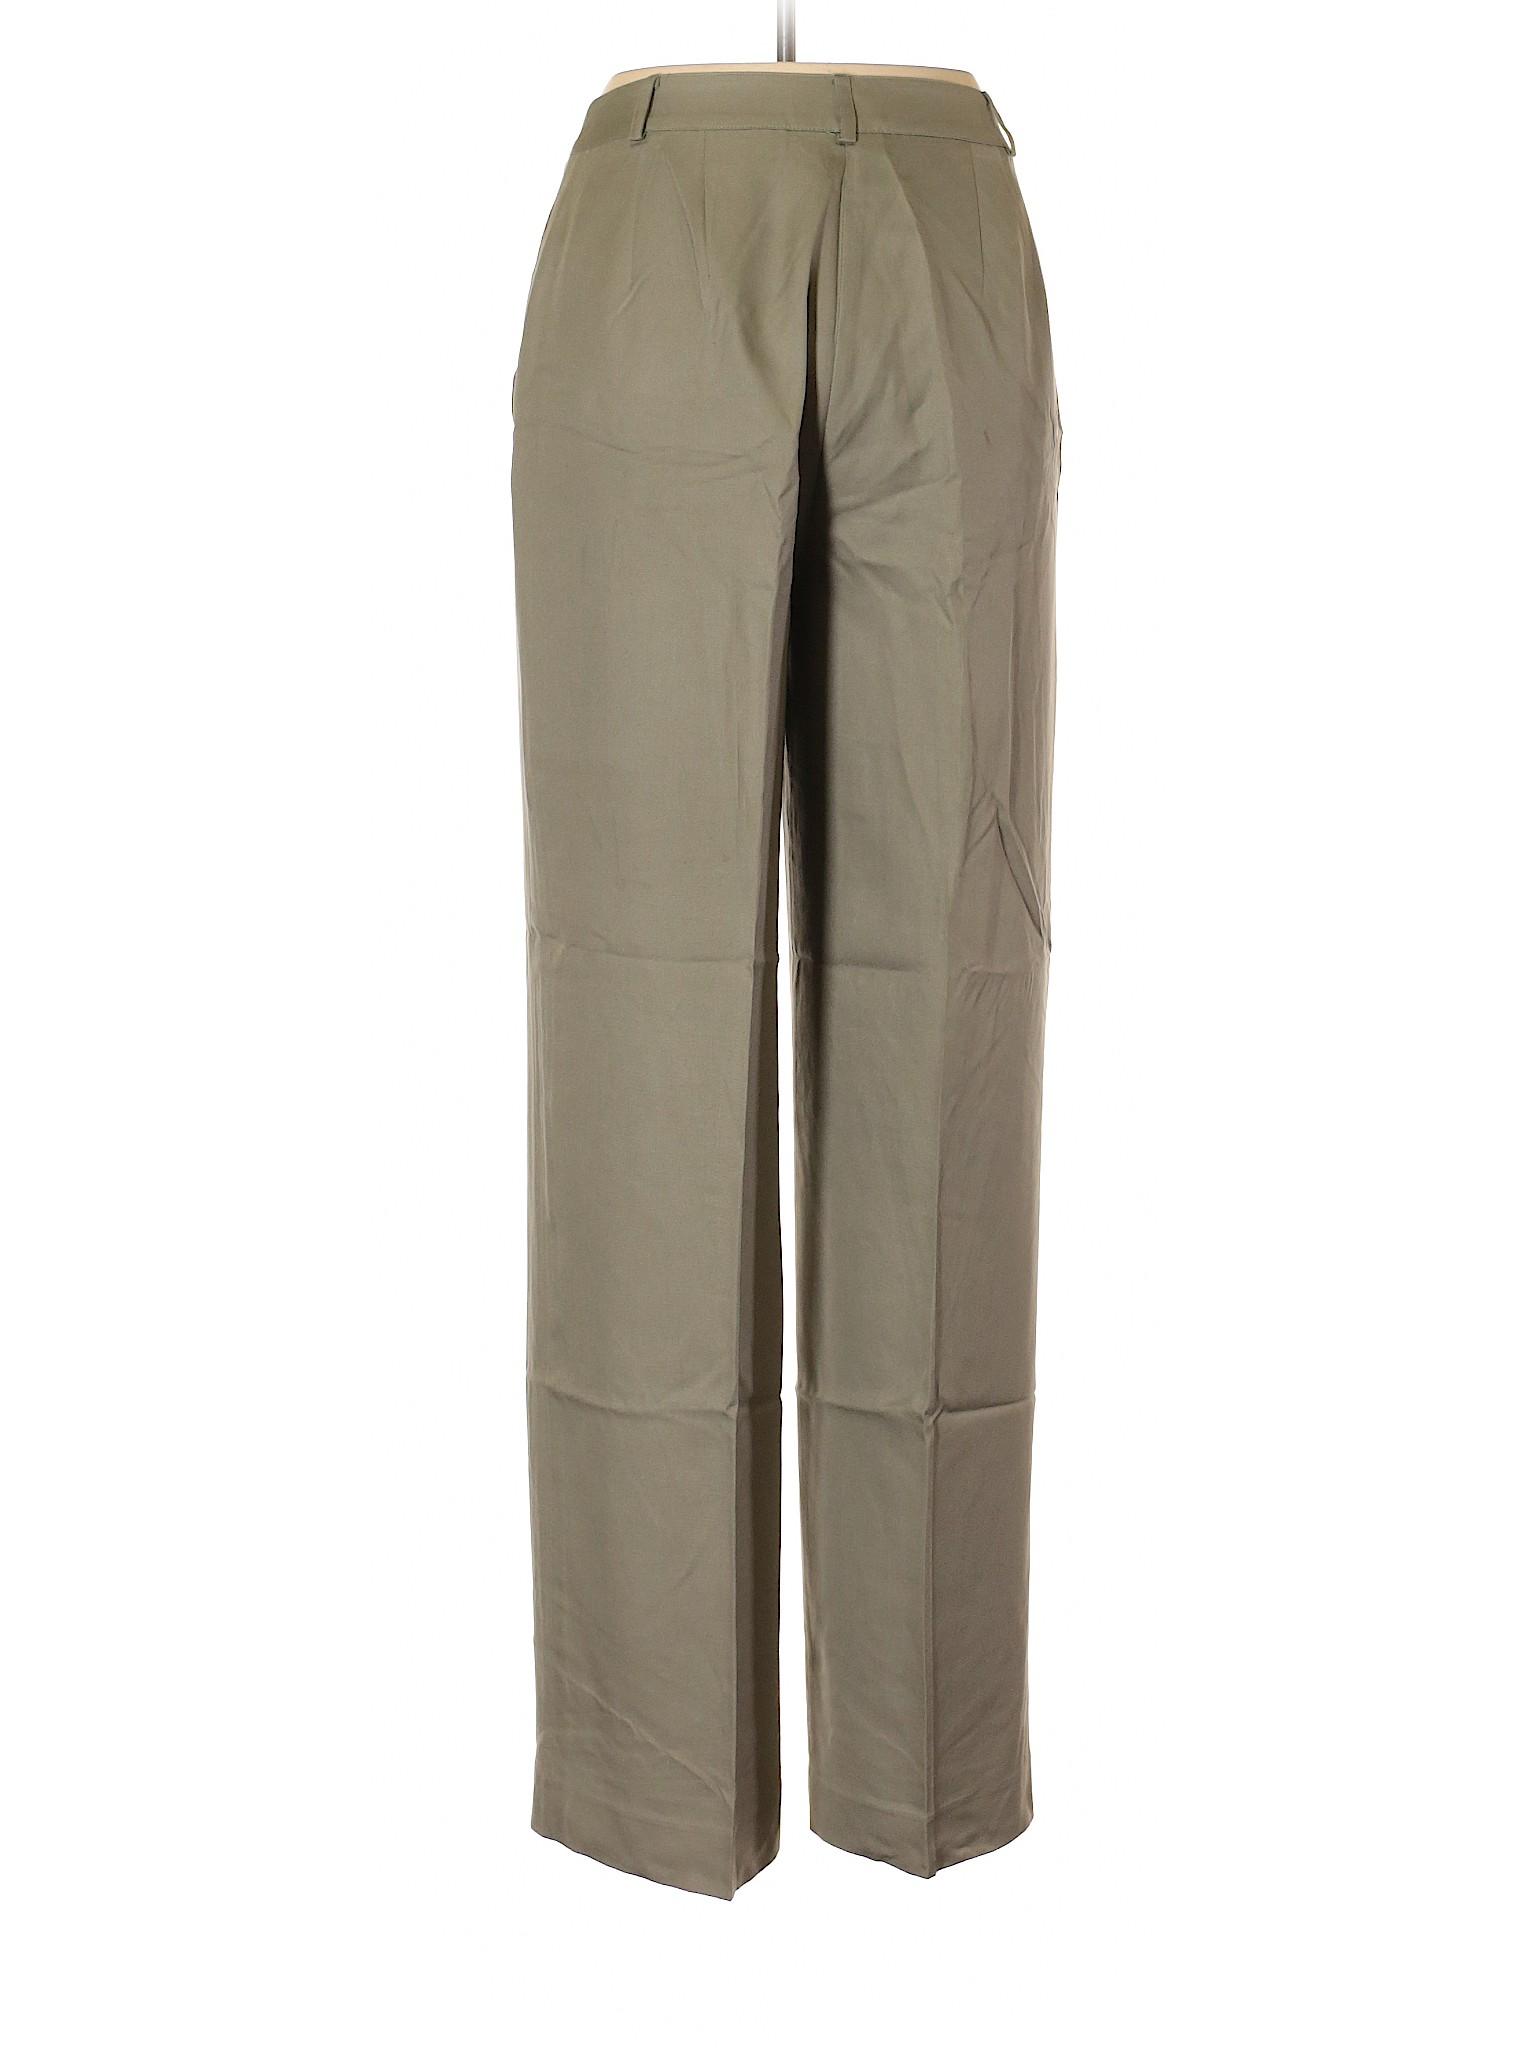 Talbots Silk Boutique Boutique Talbots Silk winter Pants Pants Boutique winter BZq08wqp4x